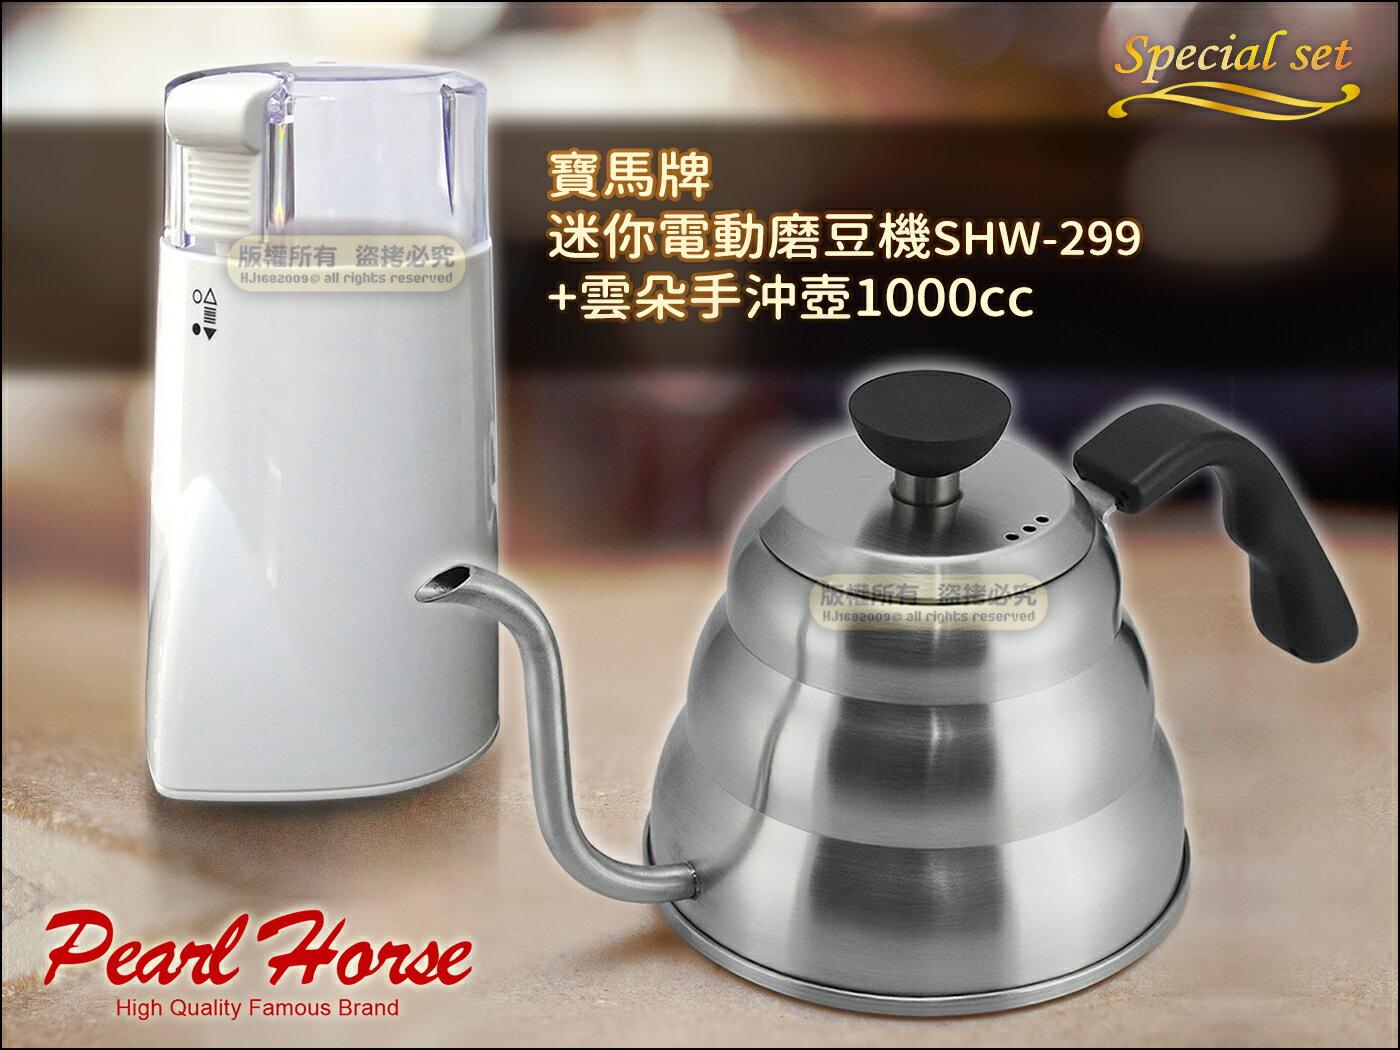 快樂屋♪ 寶馬牌 電動磨咖啡豆機 shw-299+雲朵手沖壺 1000cc + 贈毛刷